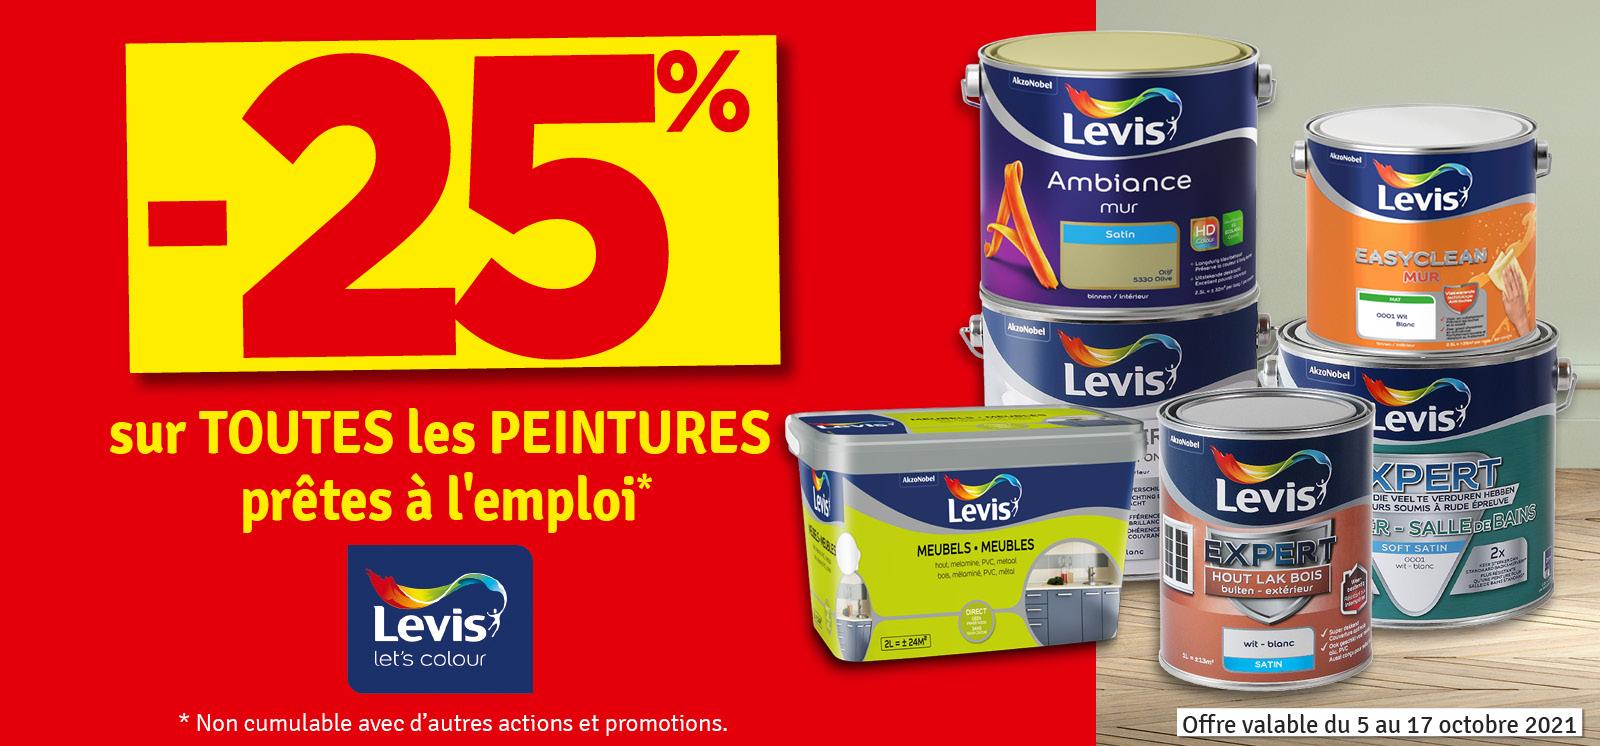 Promo - 25% sur les peintures Levis prêtes à l'emploi